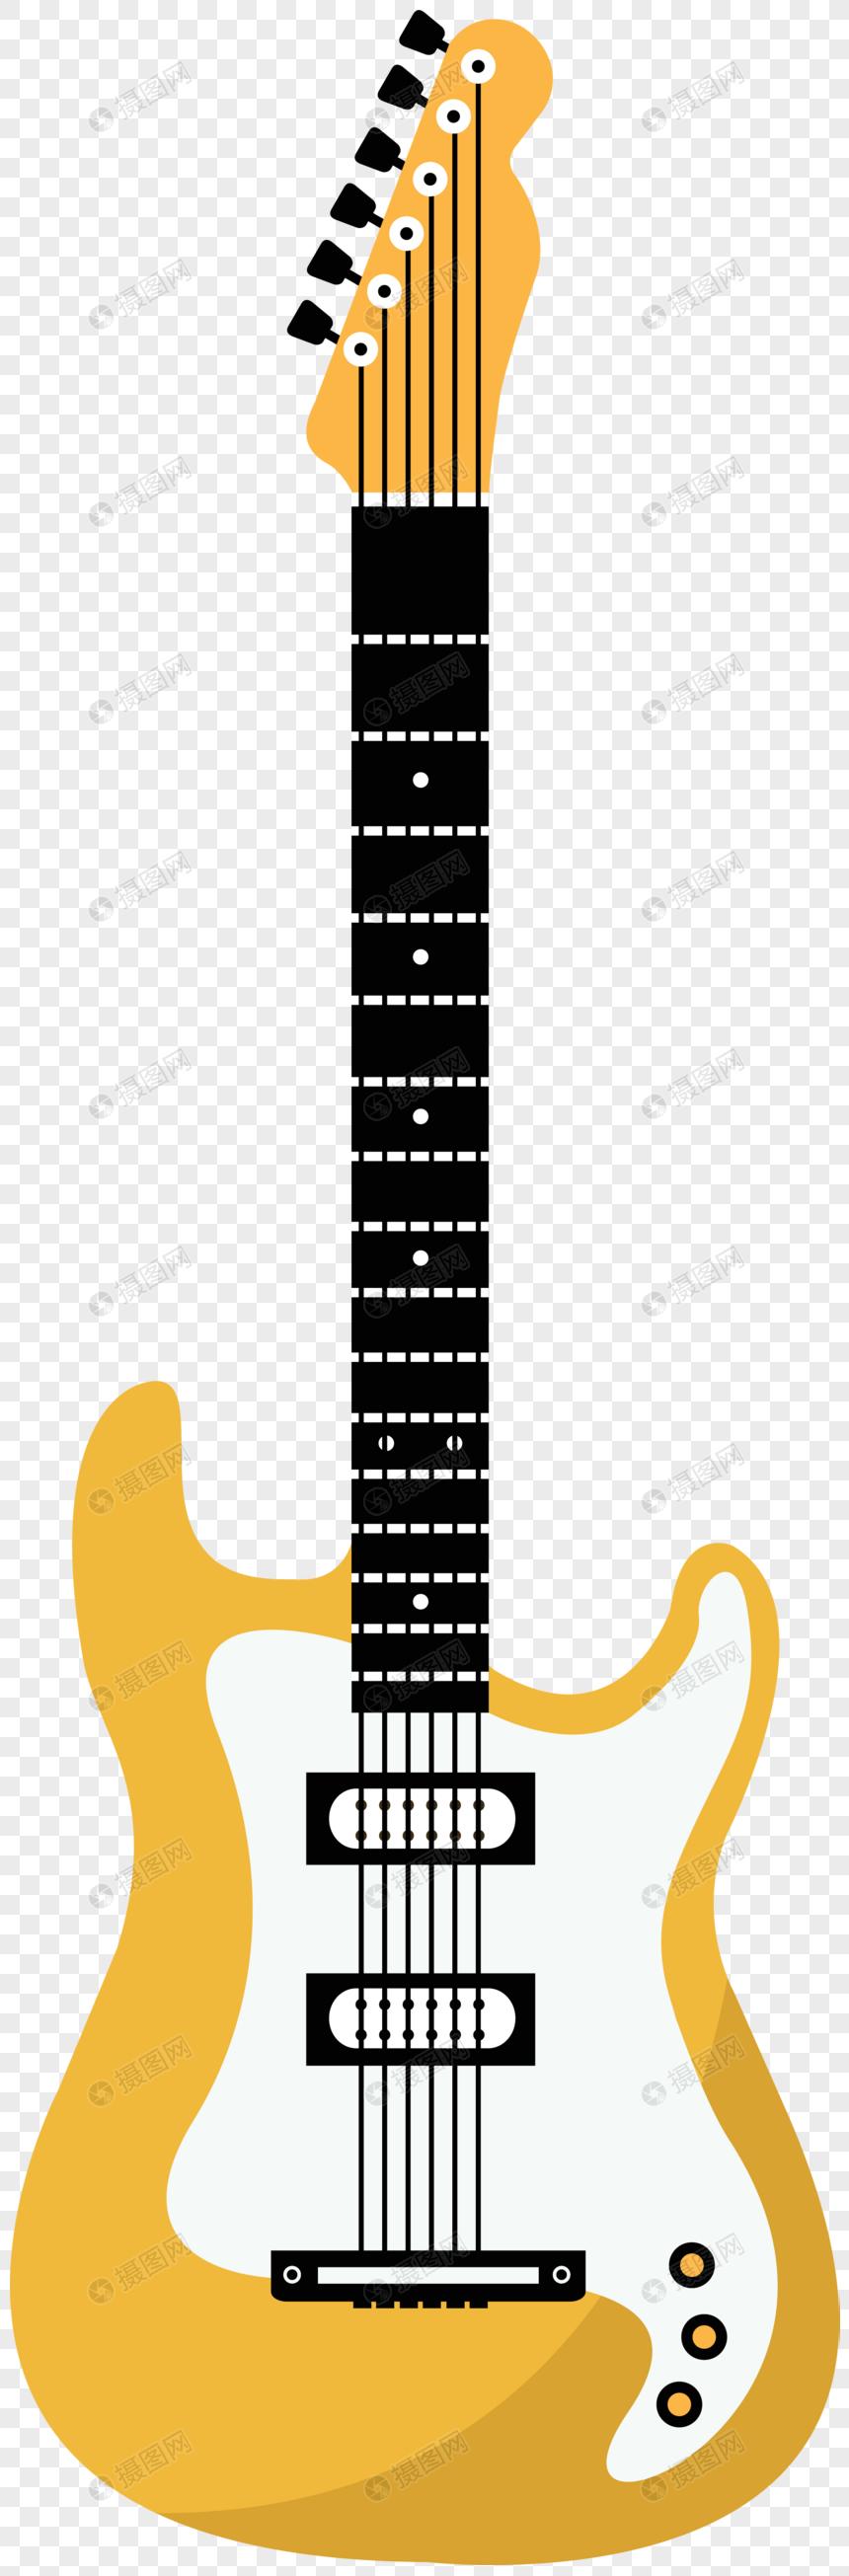 Dibujos Animados Minimalista De Instrumentos Musicales Decorativ